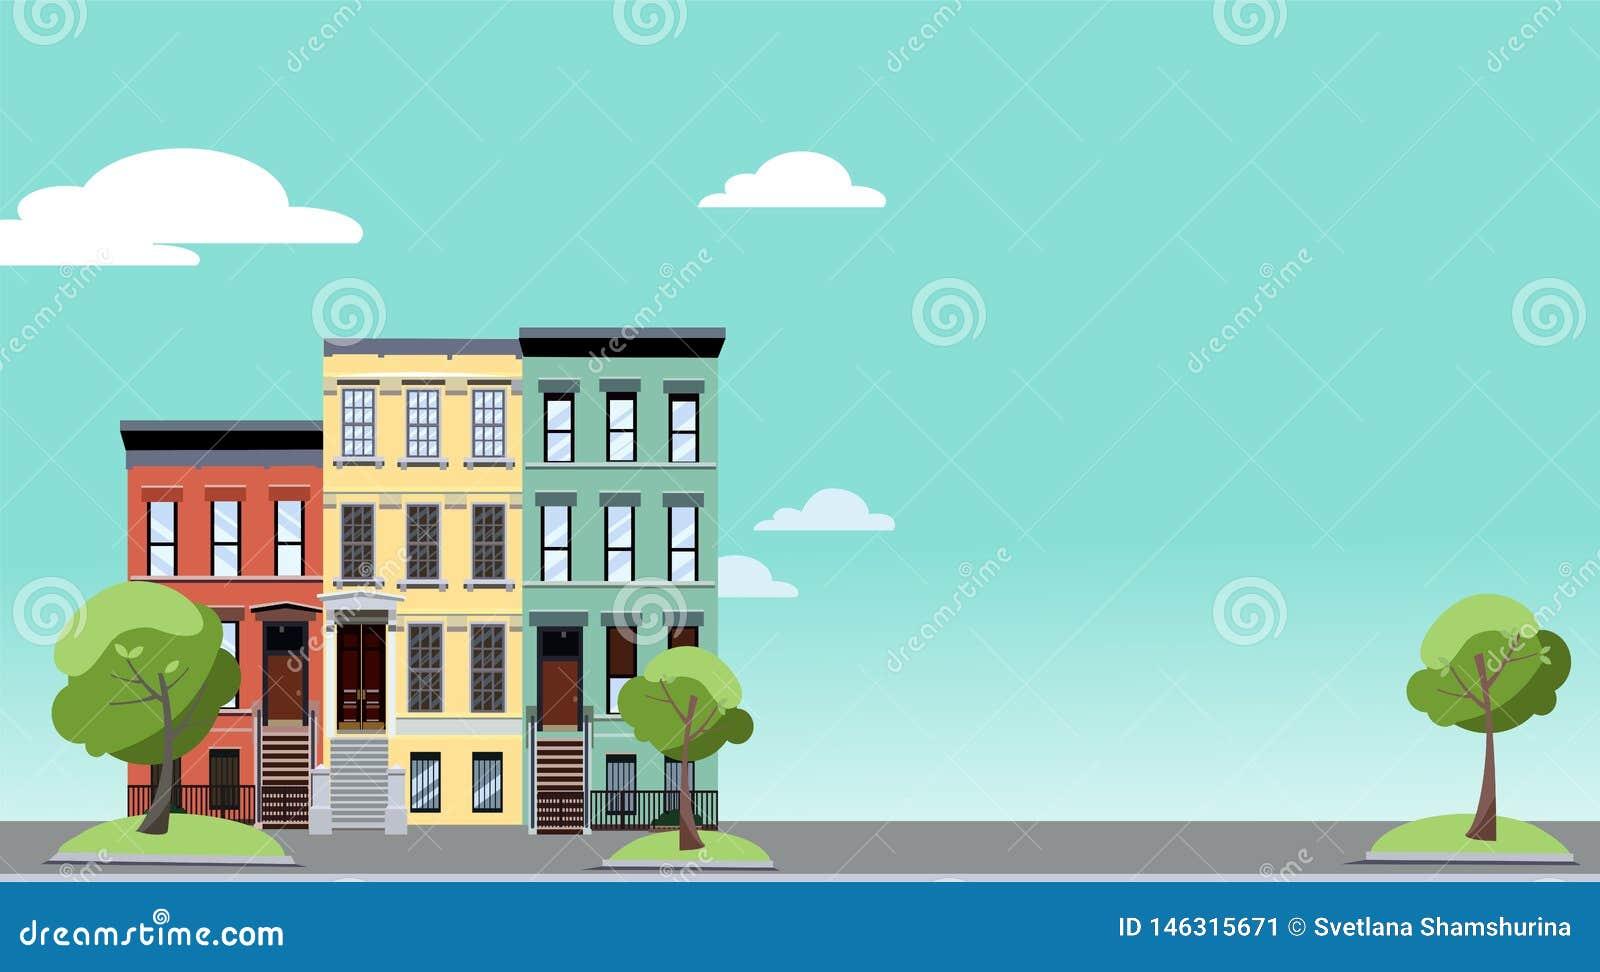 Sommer in der Stadt Horizontaler Hintergrund mit buntem Stadtbild mit gemütlichen grünen Bäumen nahe zwei-berühmten Häusern Fahne